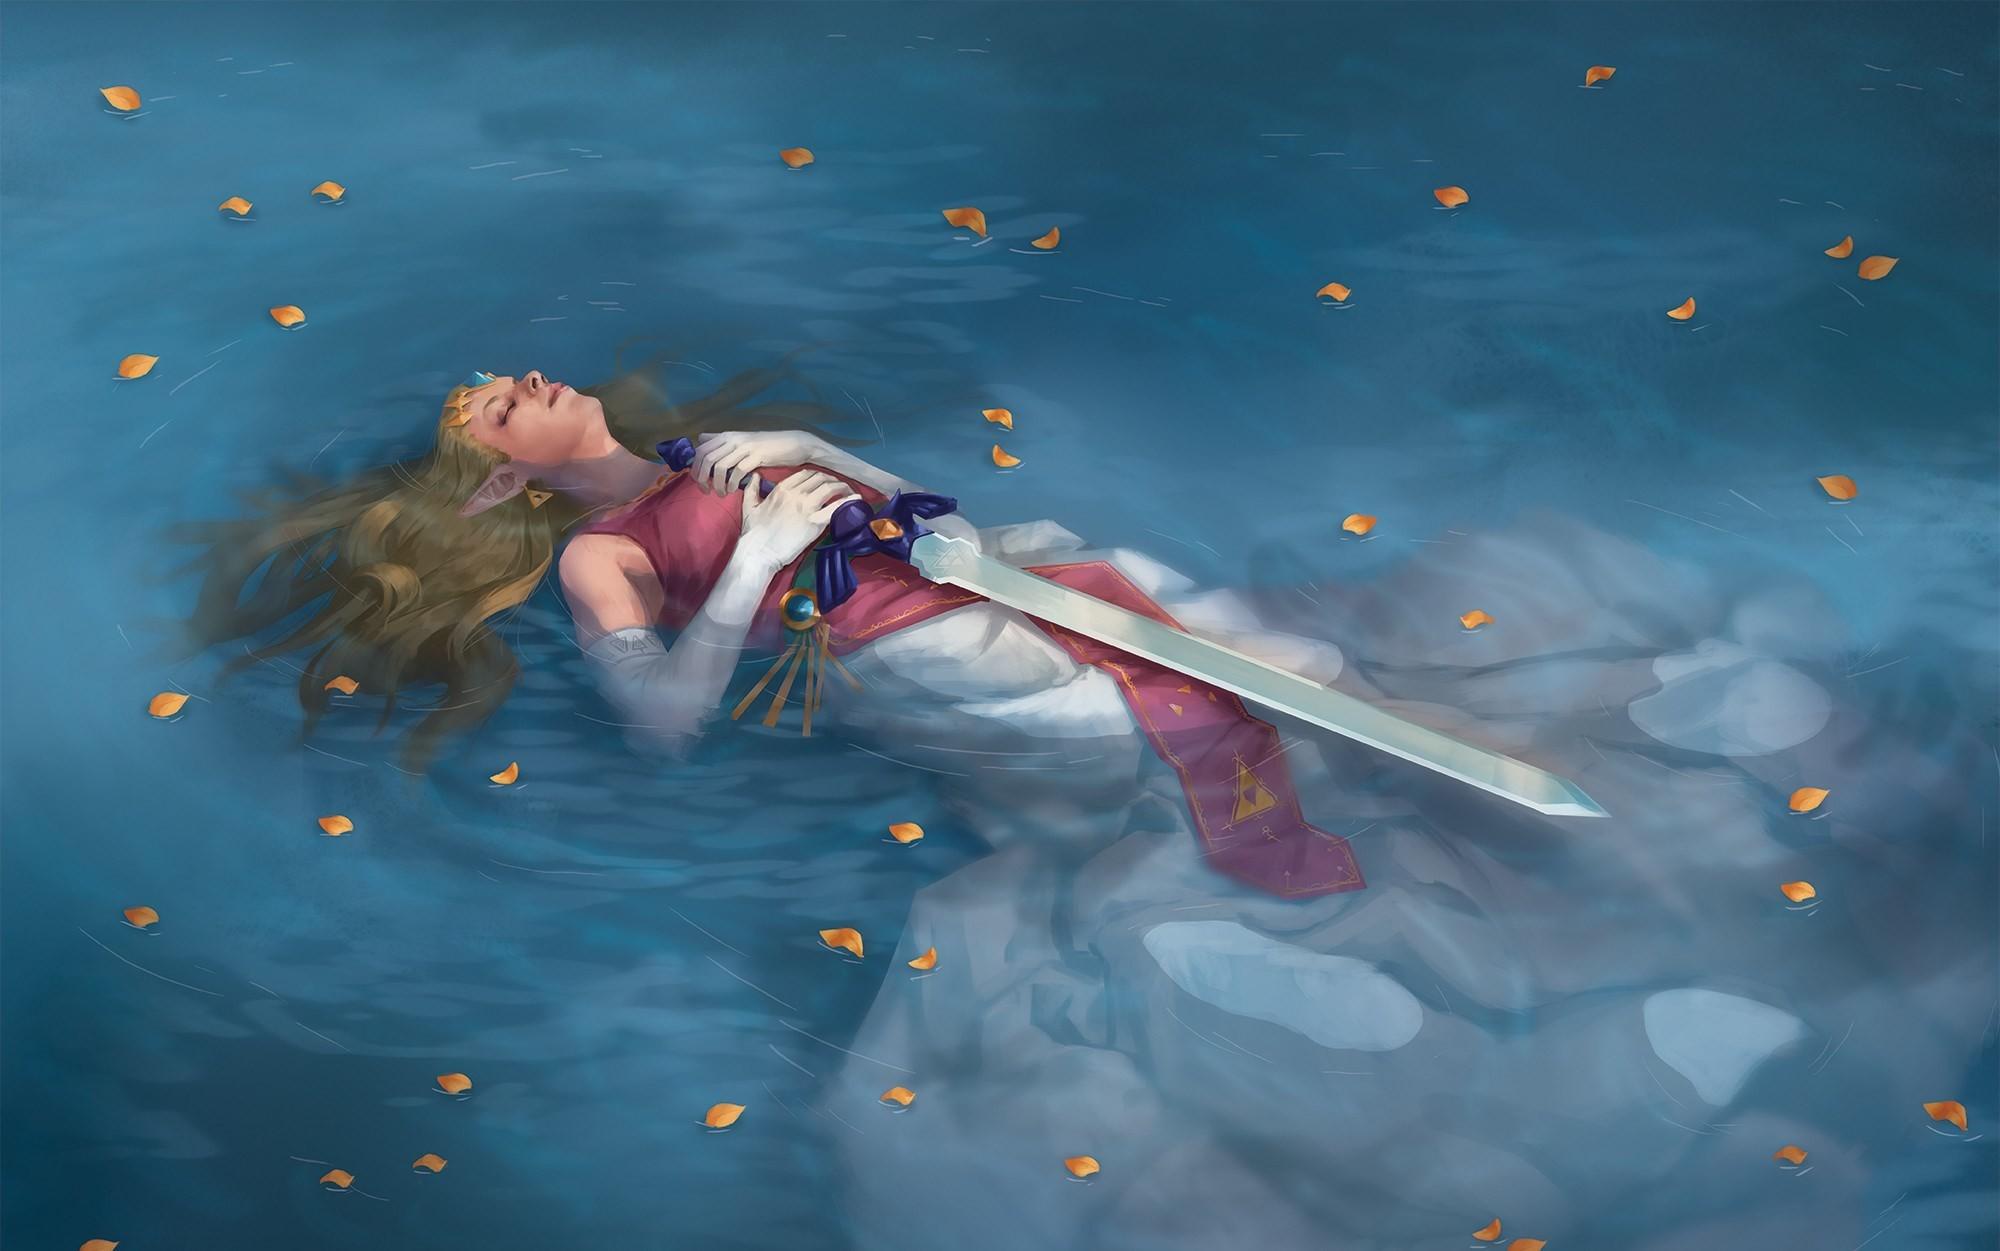 The Legend of Zelda Wallpaper 79 images 2000x1251